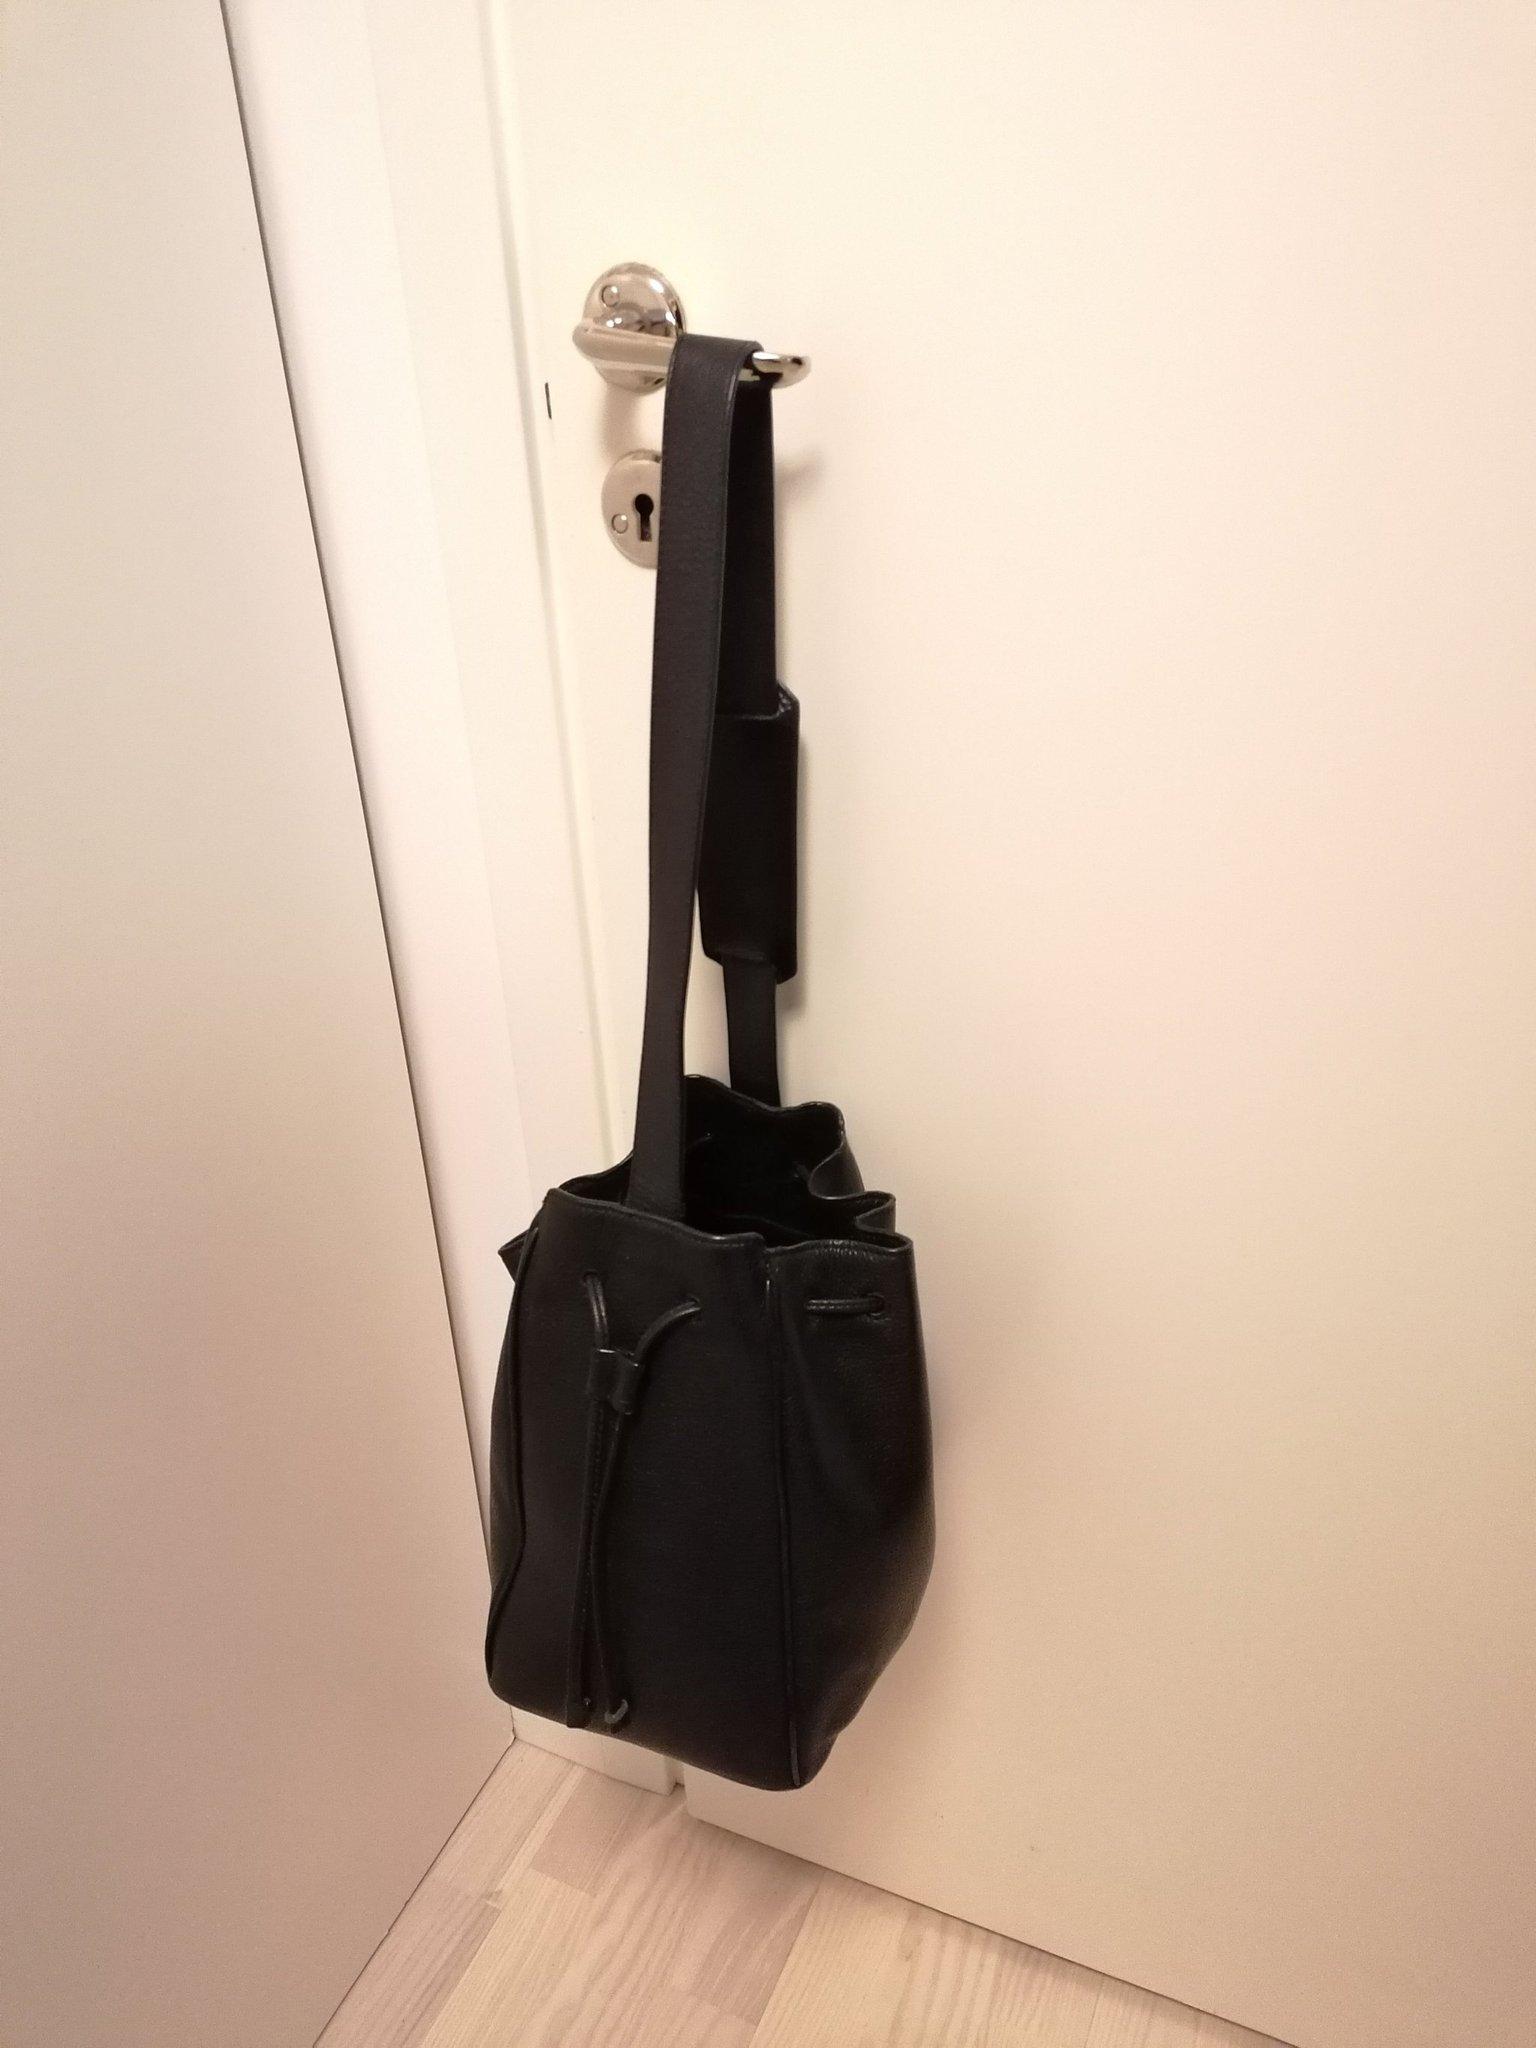 Väska bucket bag från & Other stories. Svart skinn